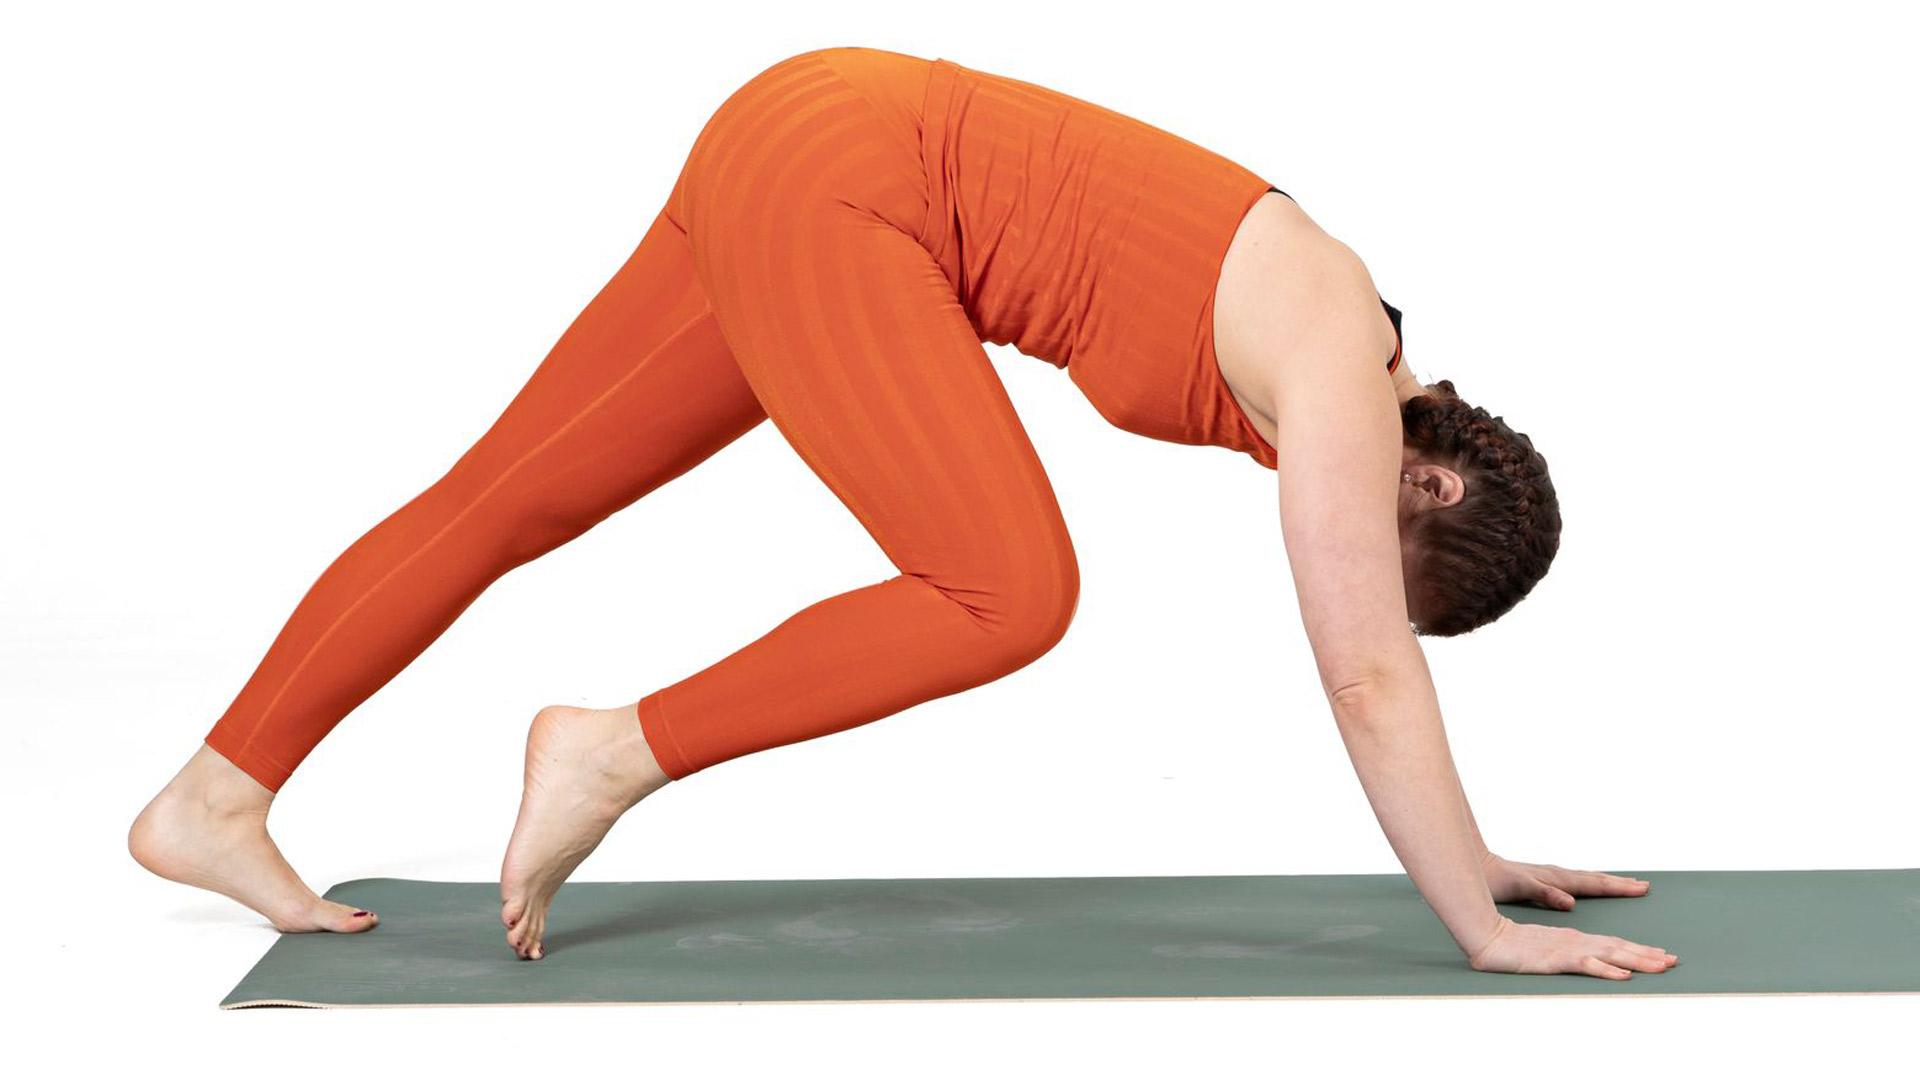 Työnnä käsillä polvet irti lattiasta, kantapäitä lattiaan ja peppu kattoa kohti.